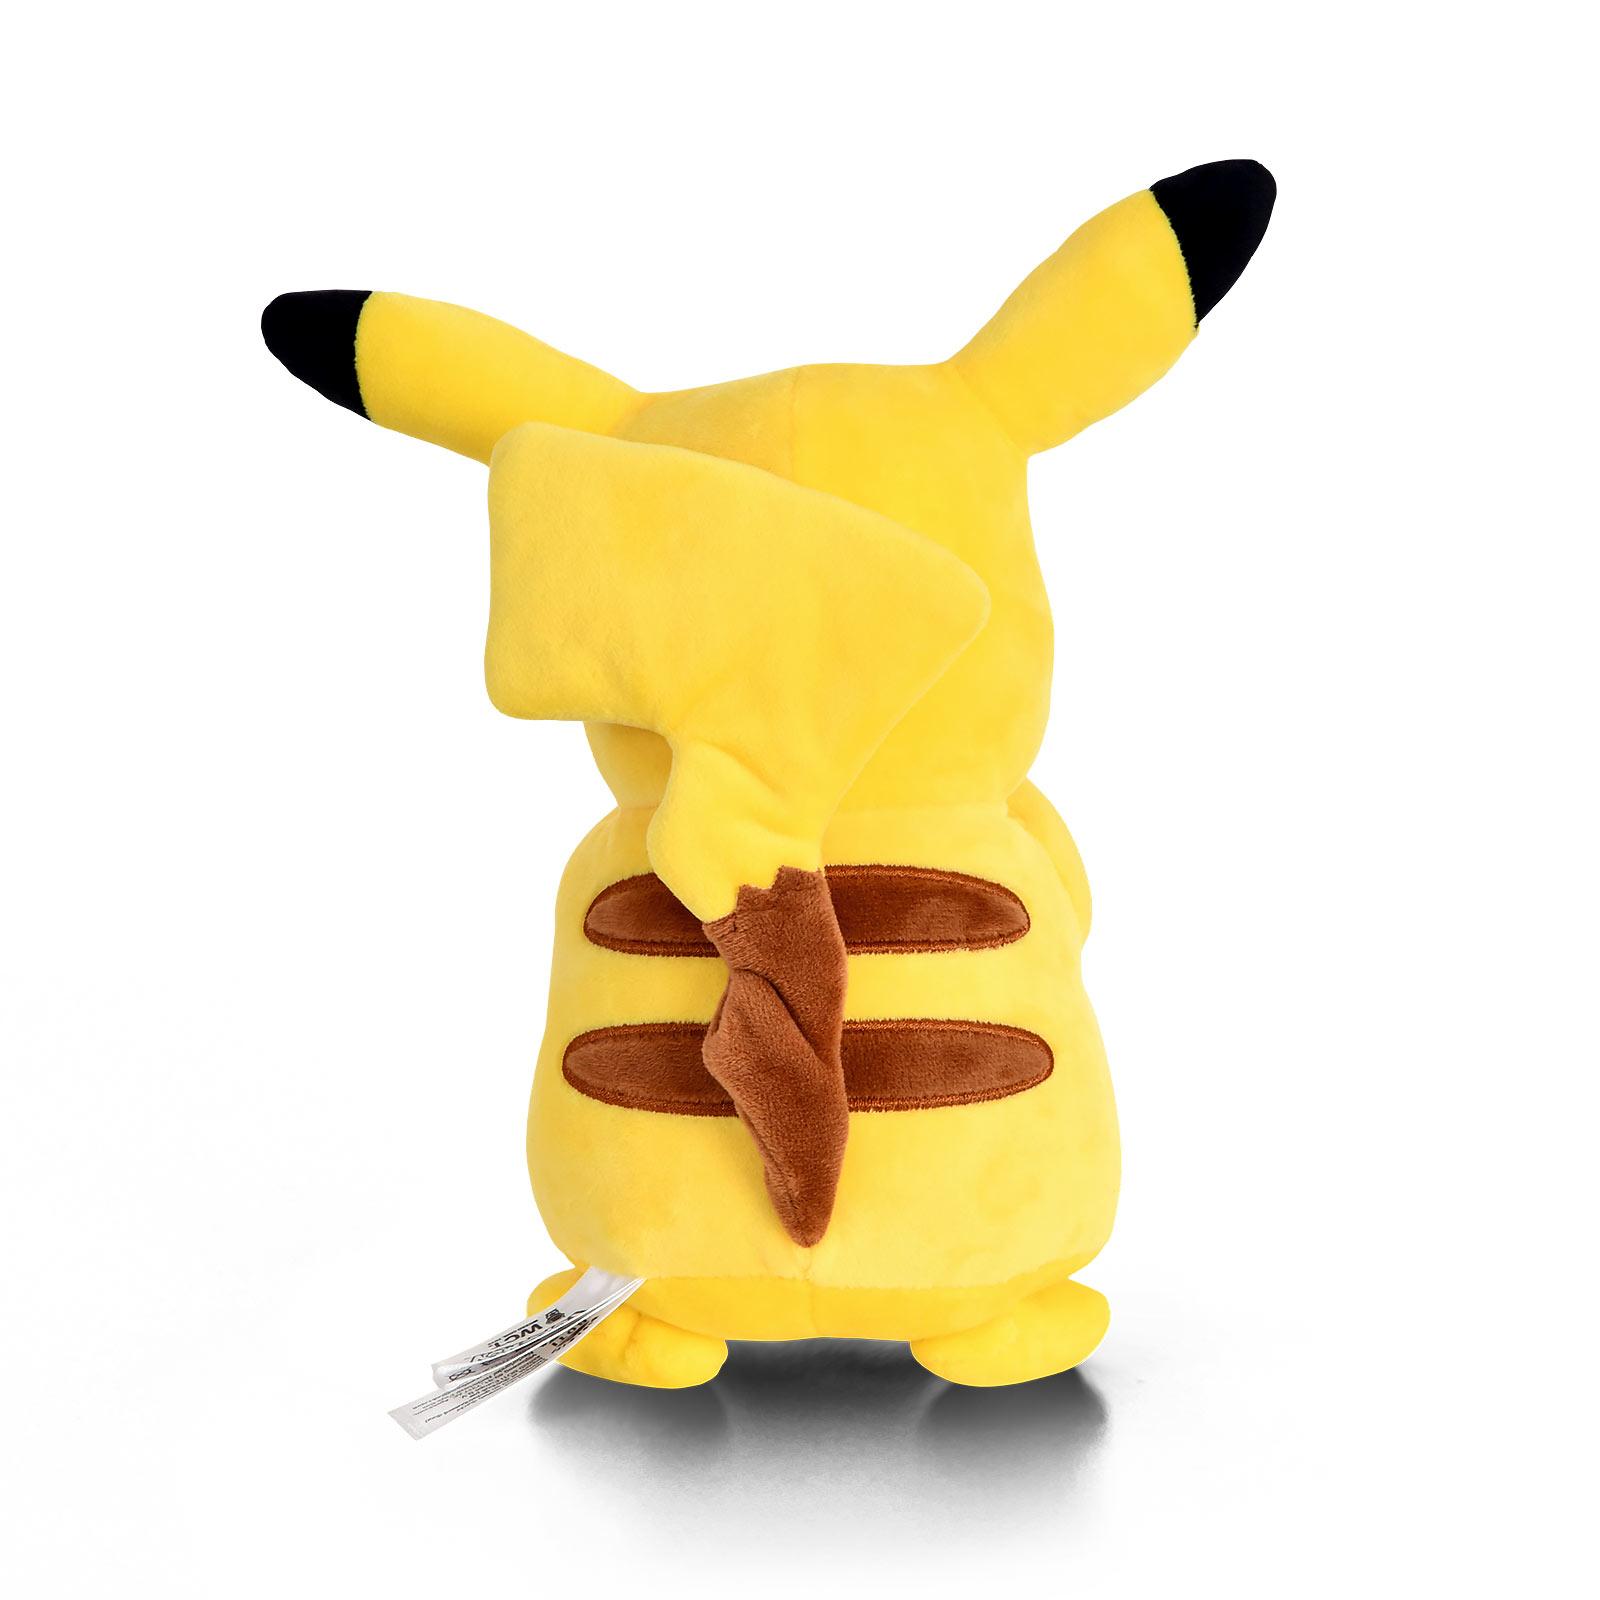 Pokemon - Pikachu Plüsch Figur 24 cm